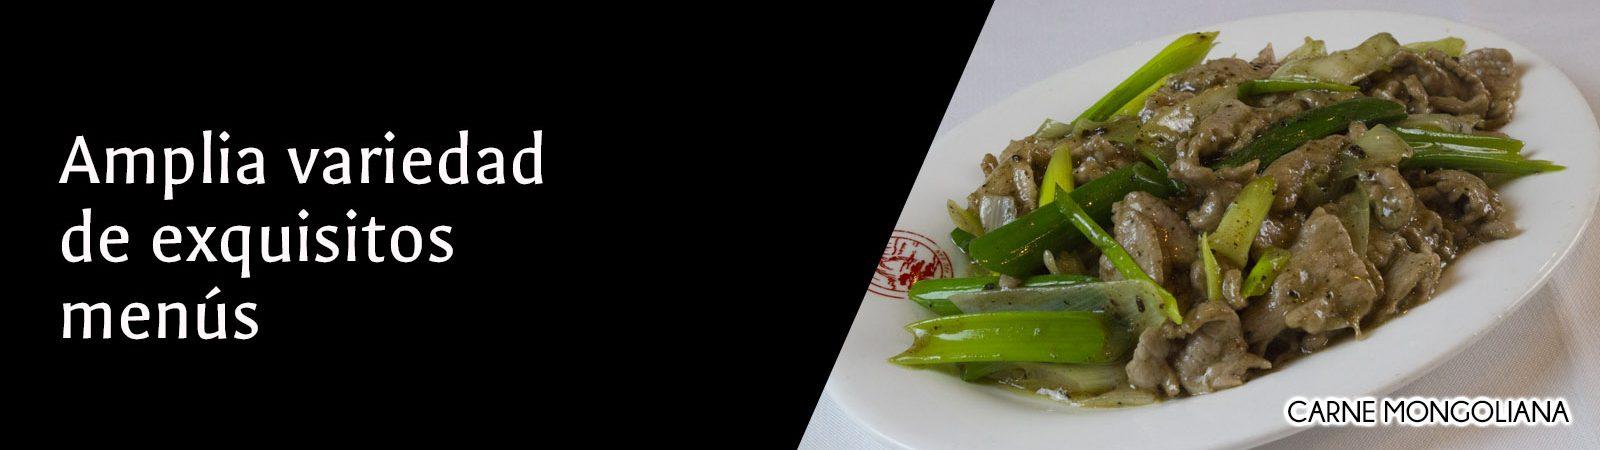 11-parquechina-menu-MENU